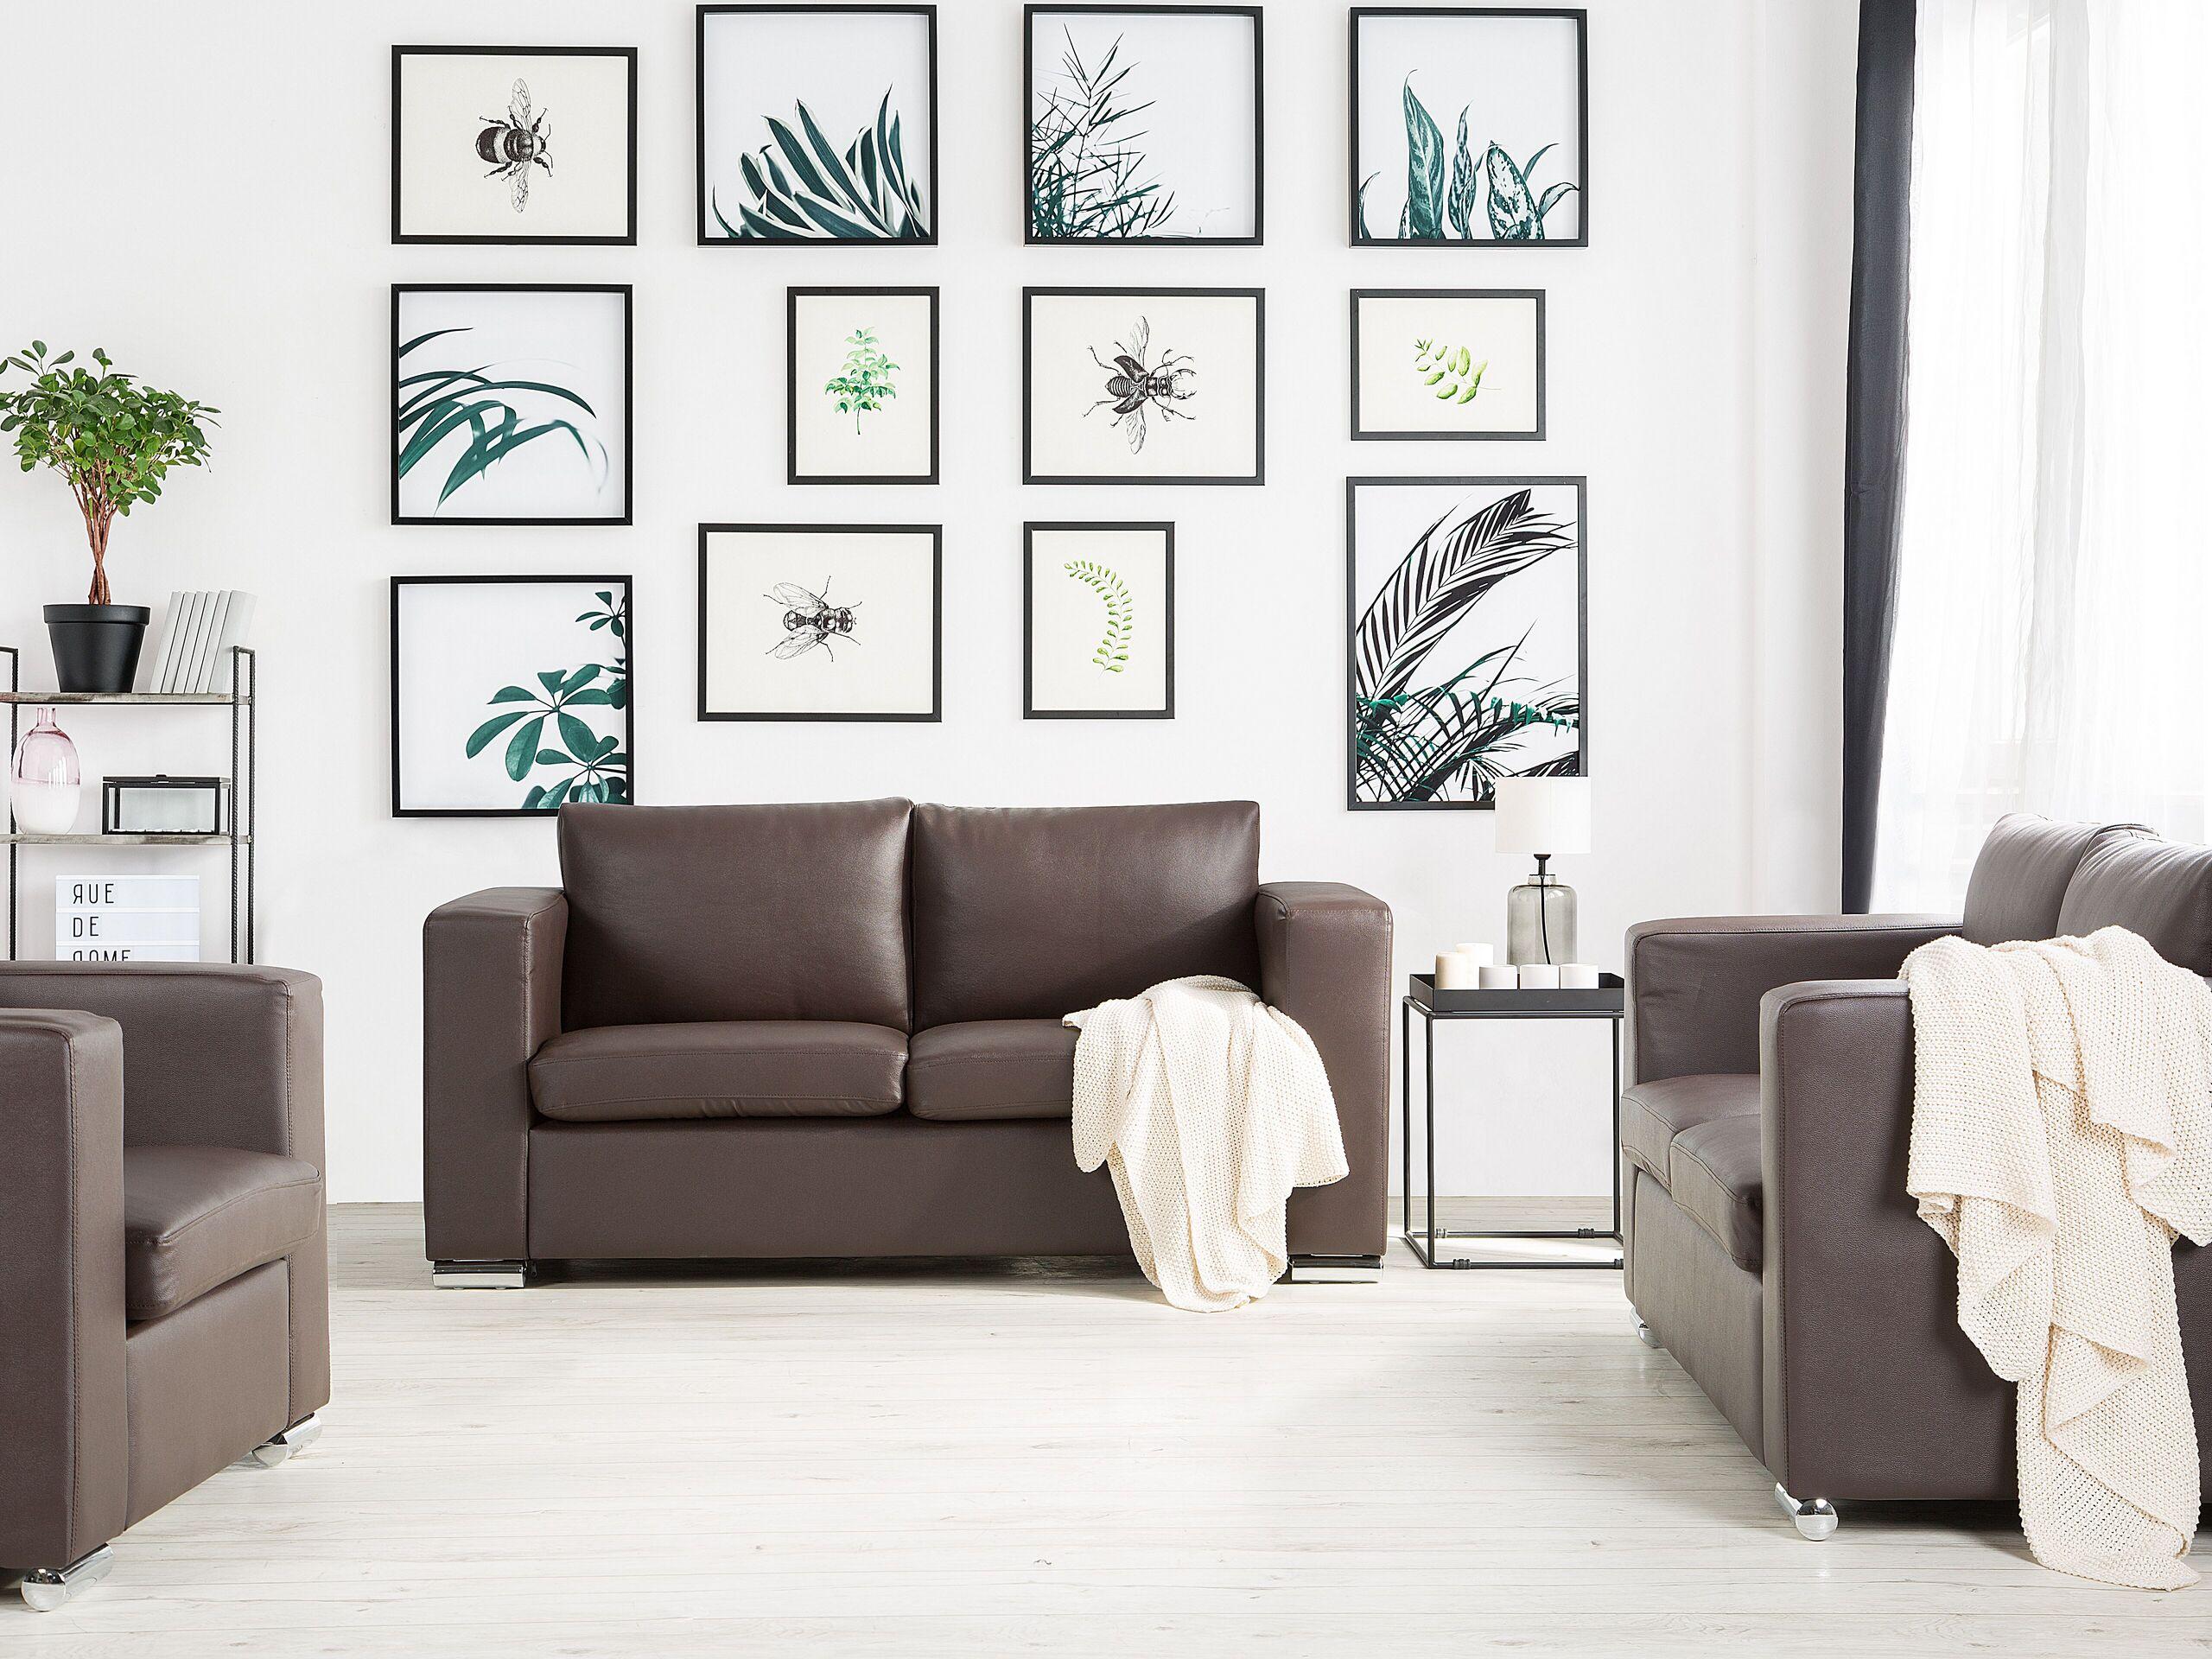 beliani set di divani e poltrona 6 posti in pelle marrone